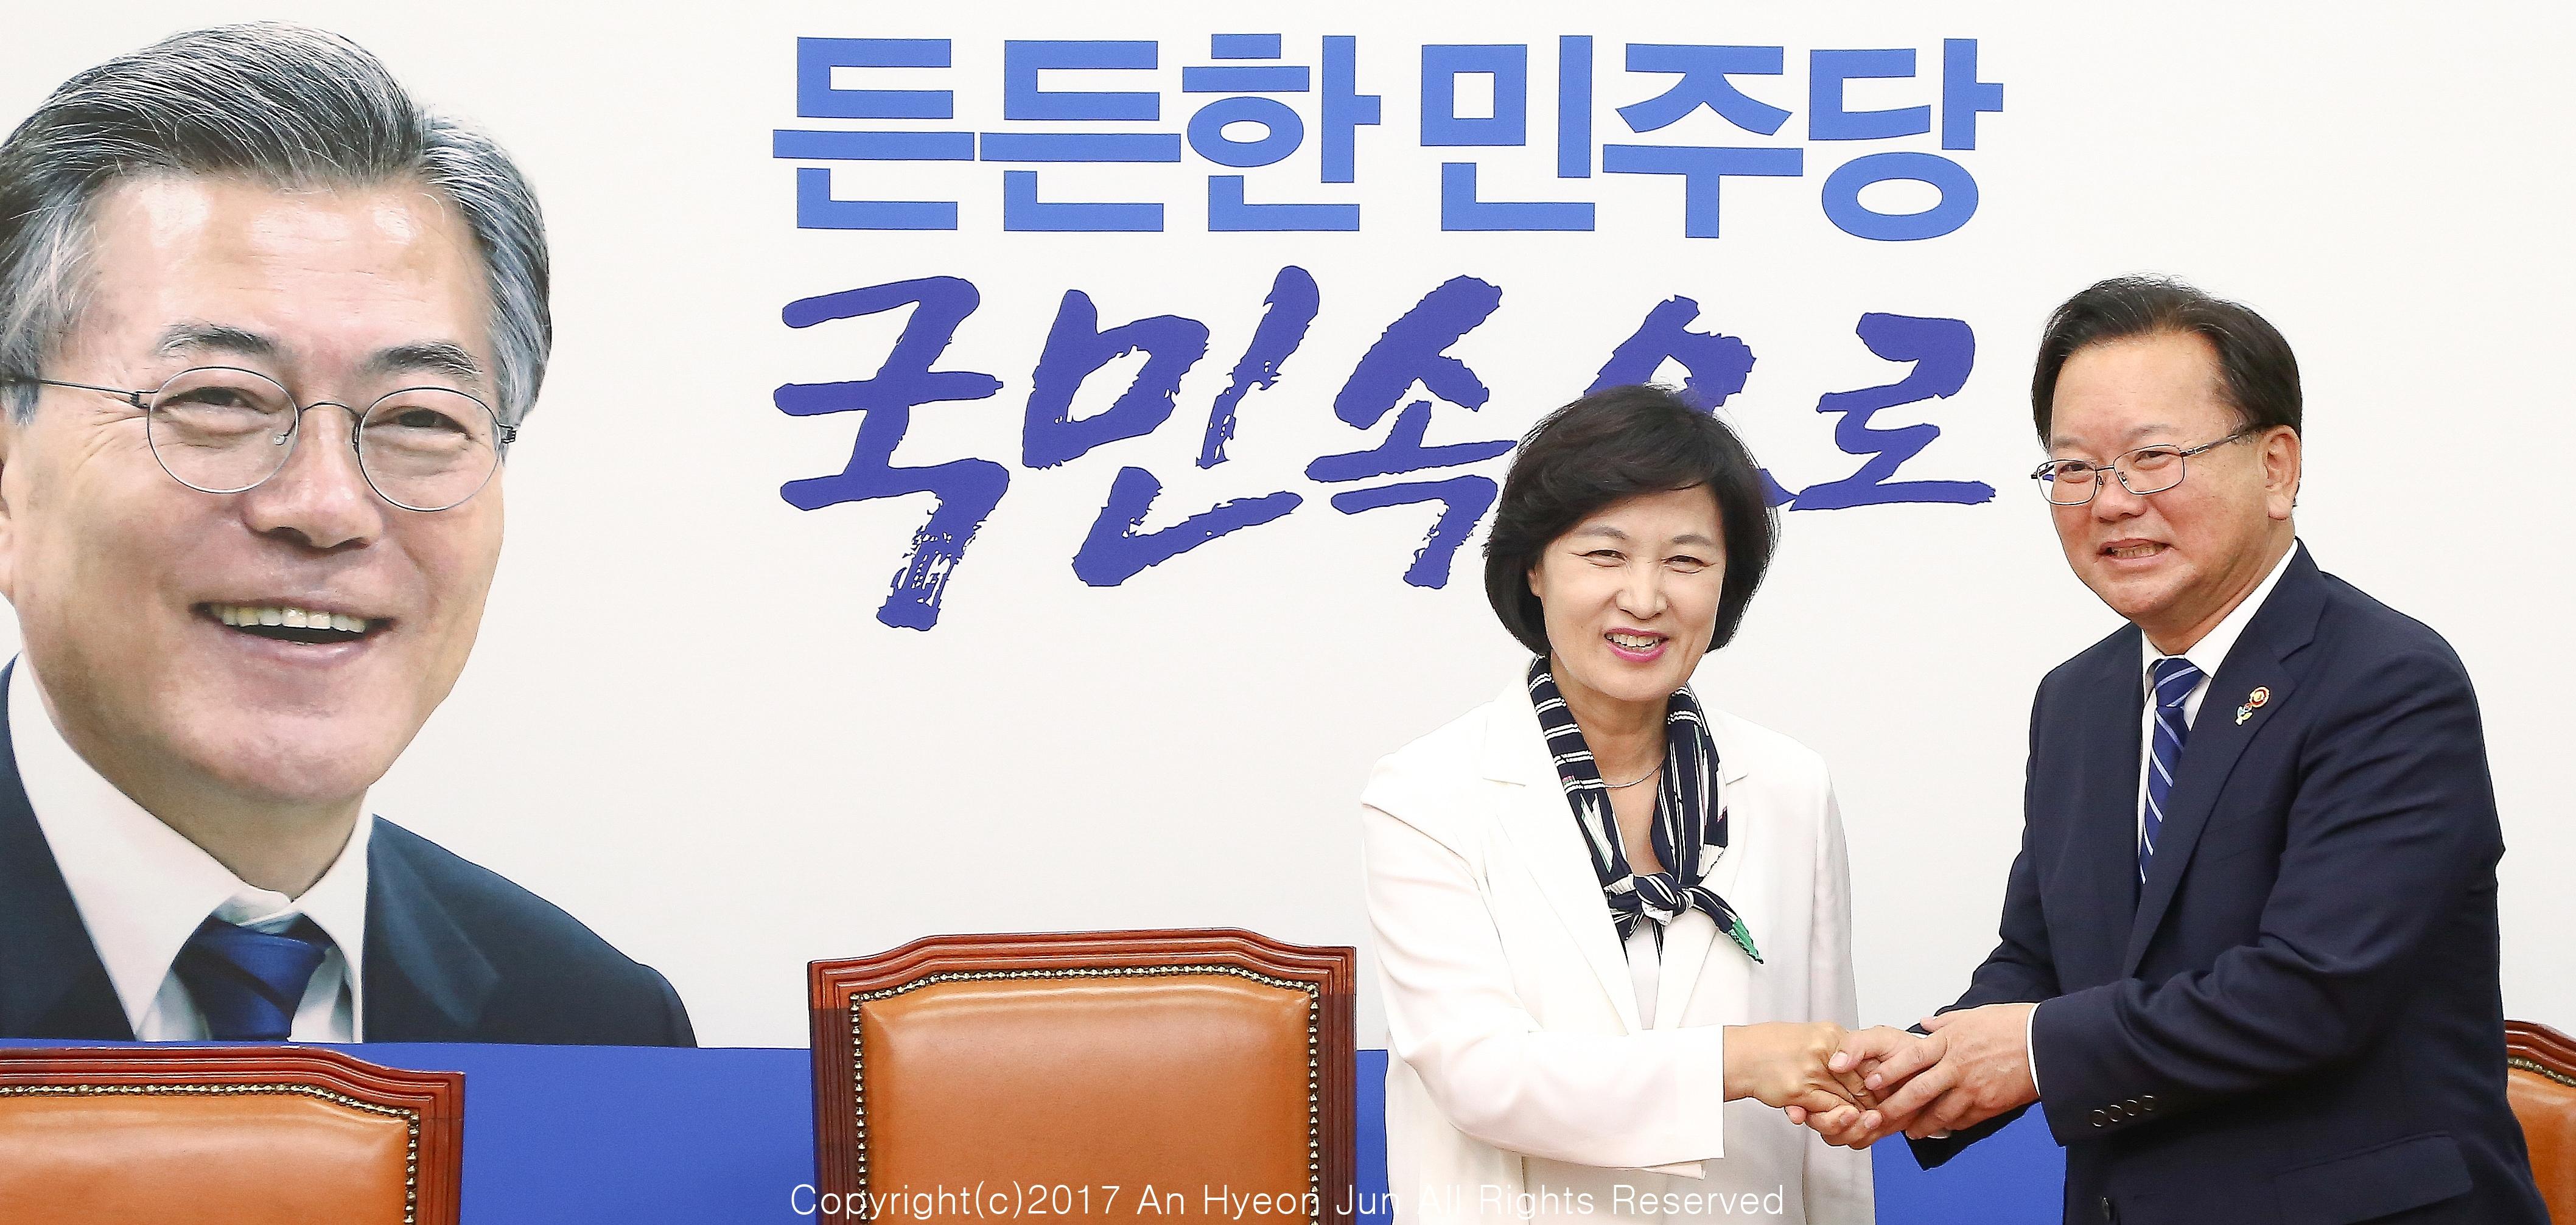 [한컷뉴스] 김부겸, 국민 속으로 - 20170620